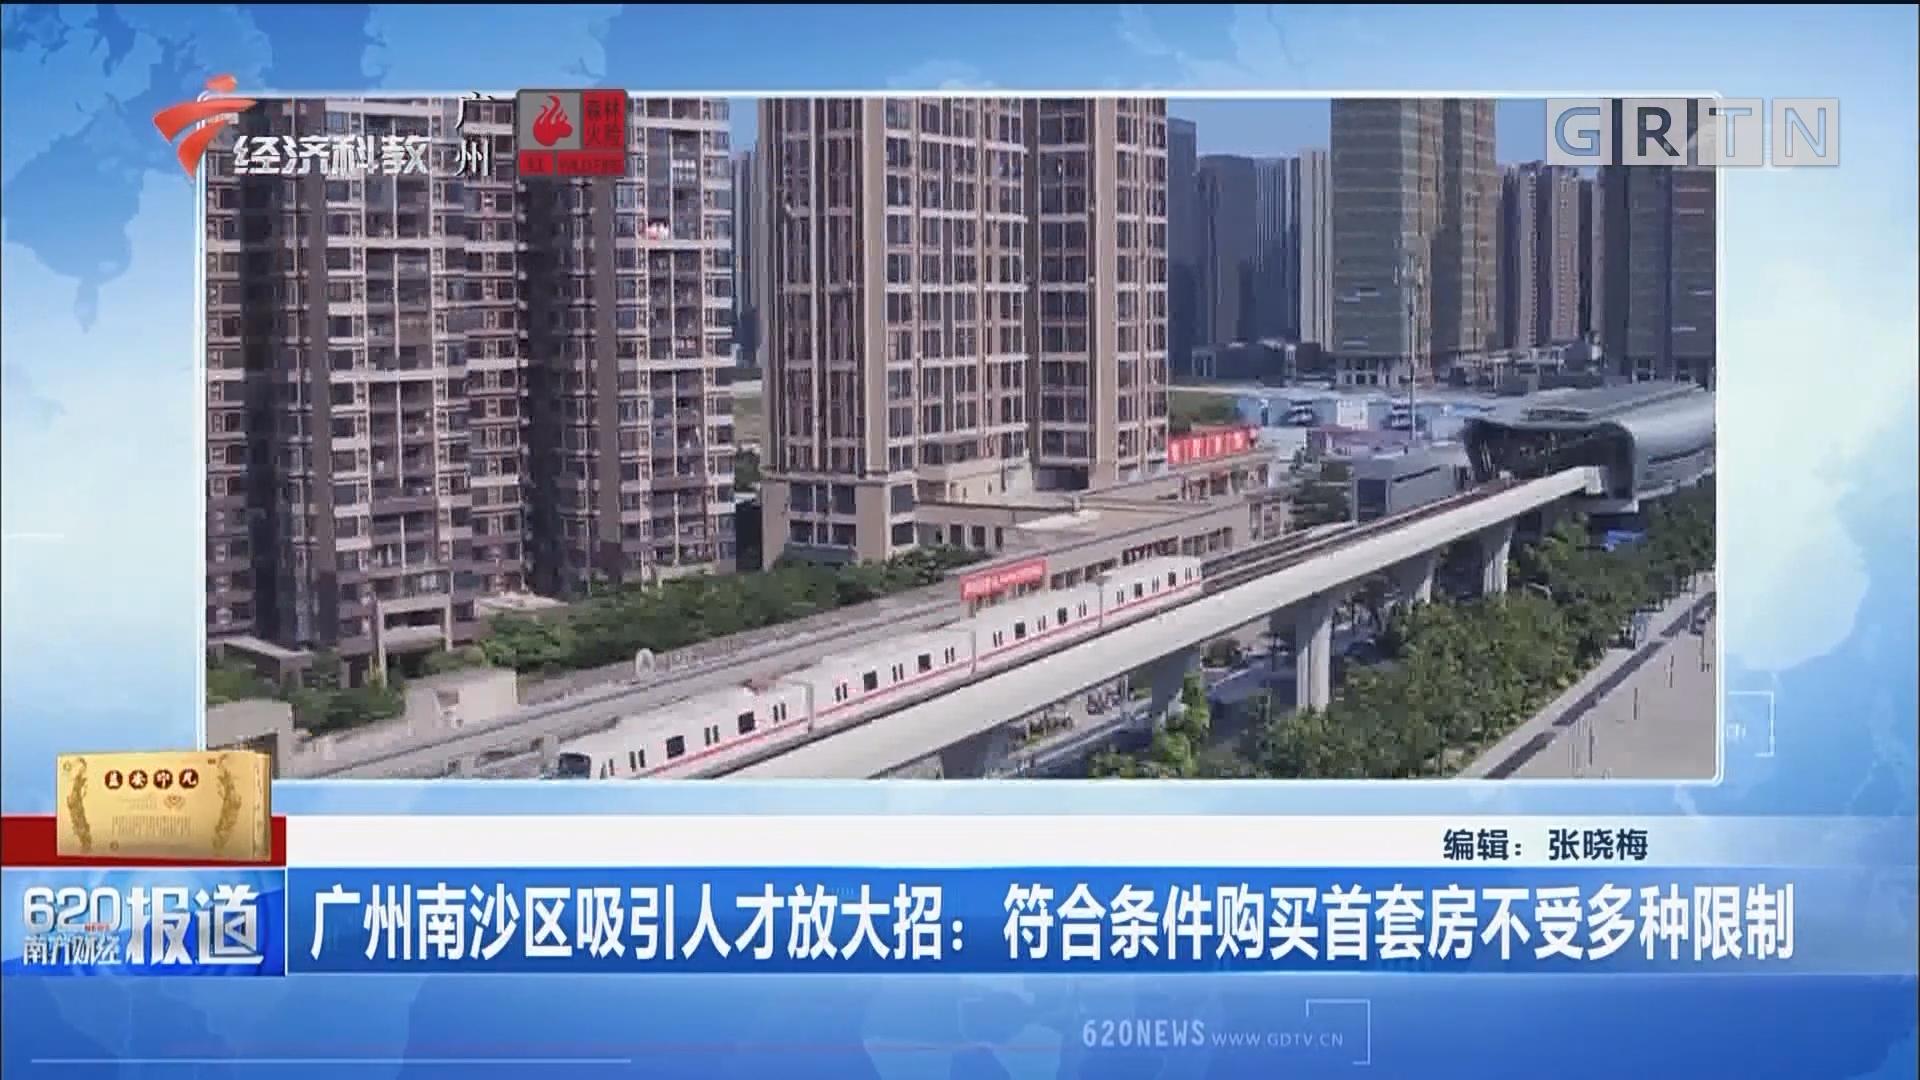 广州南沙区吸引人才放大招:符合条件购买首套房不受多种限制